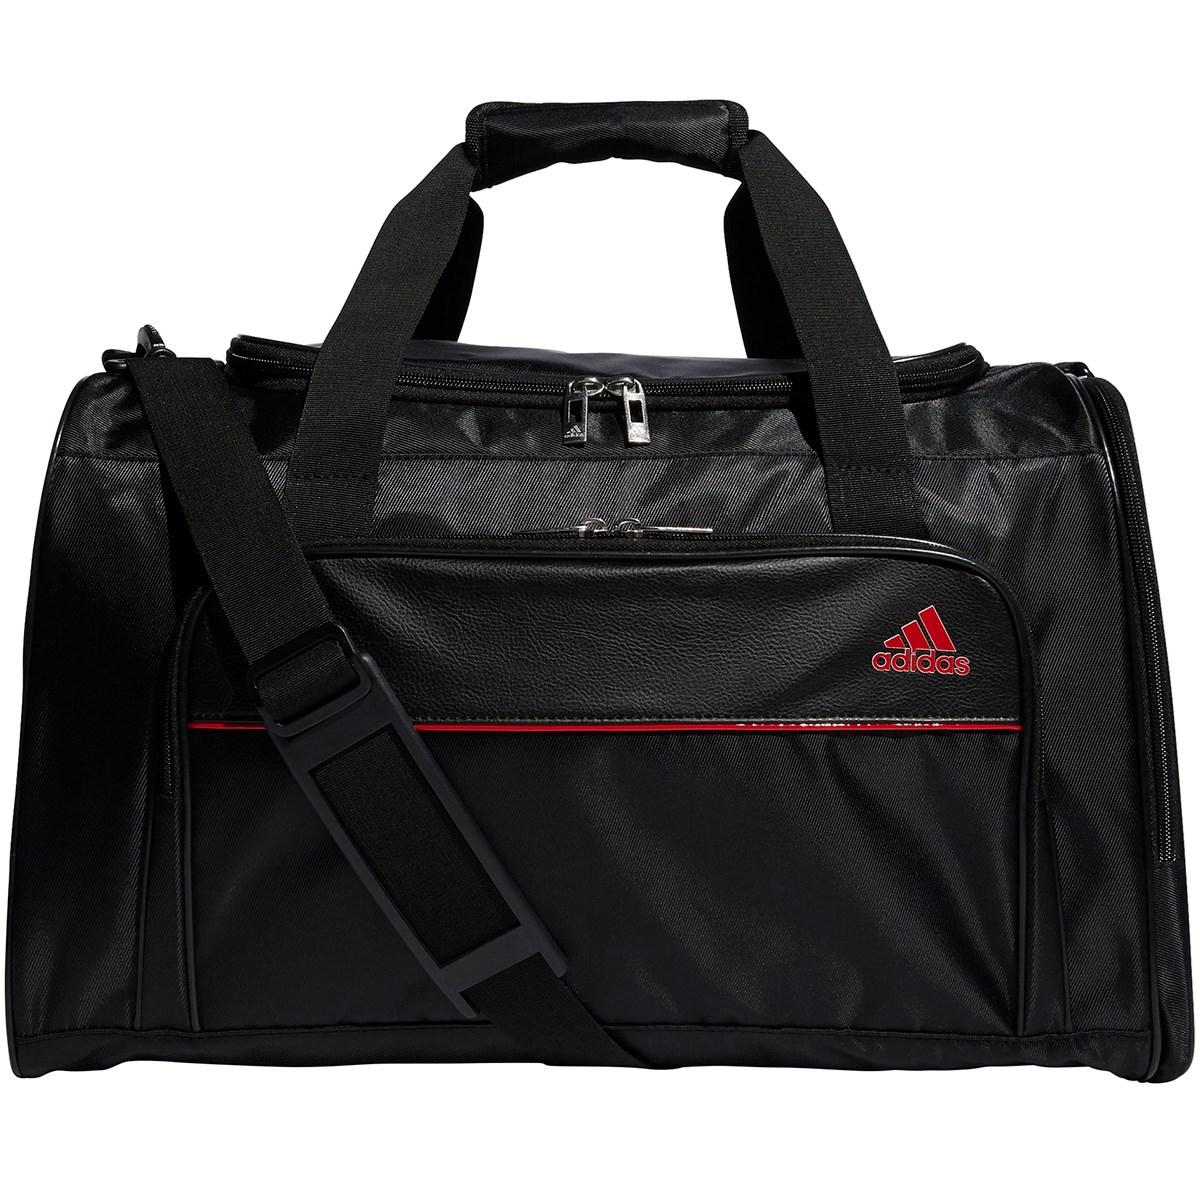 アディダス Adidas ボストンバッグ ブラック/レッド